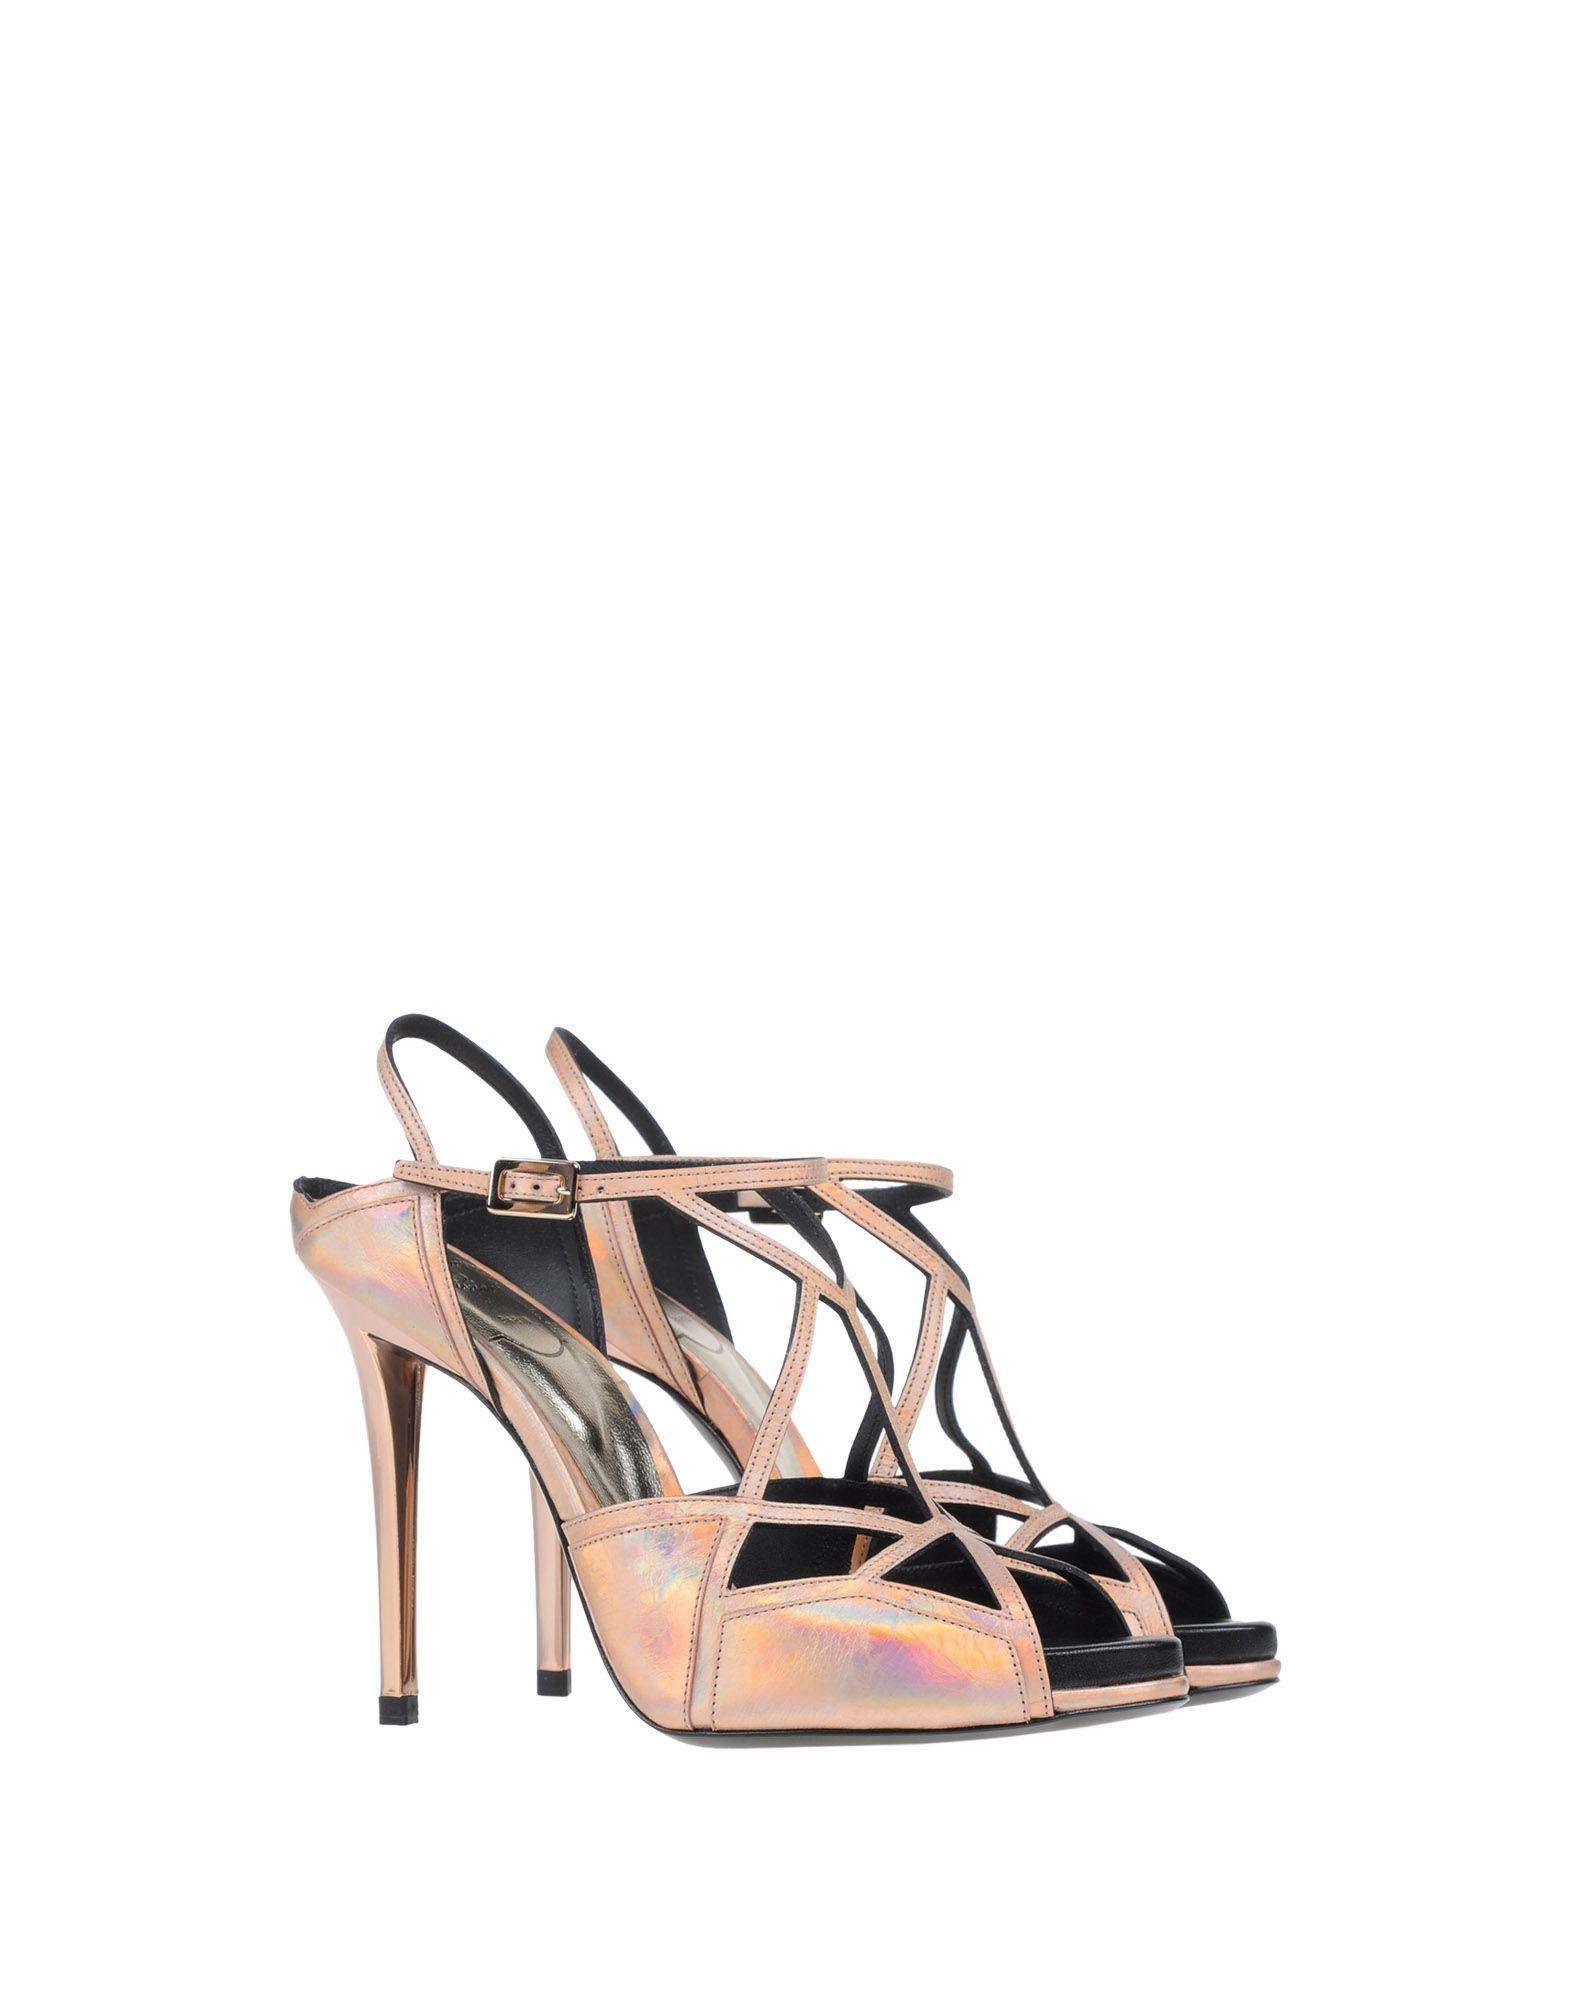 Roger Vivier Sandalen 44993895KJ Damen  44993895KJ Sandalen Beliebte Schuhe 86f490